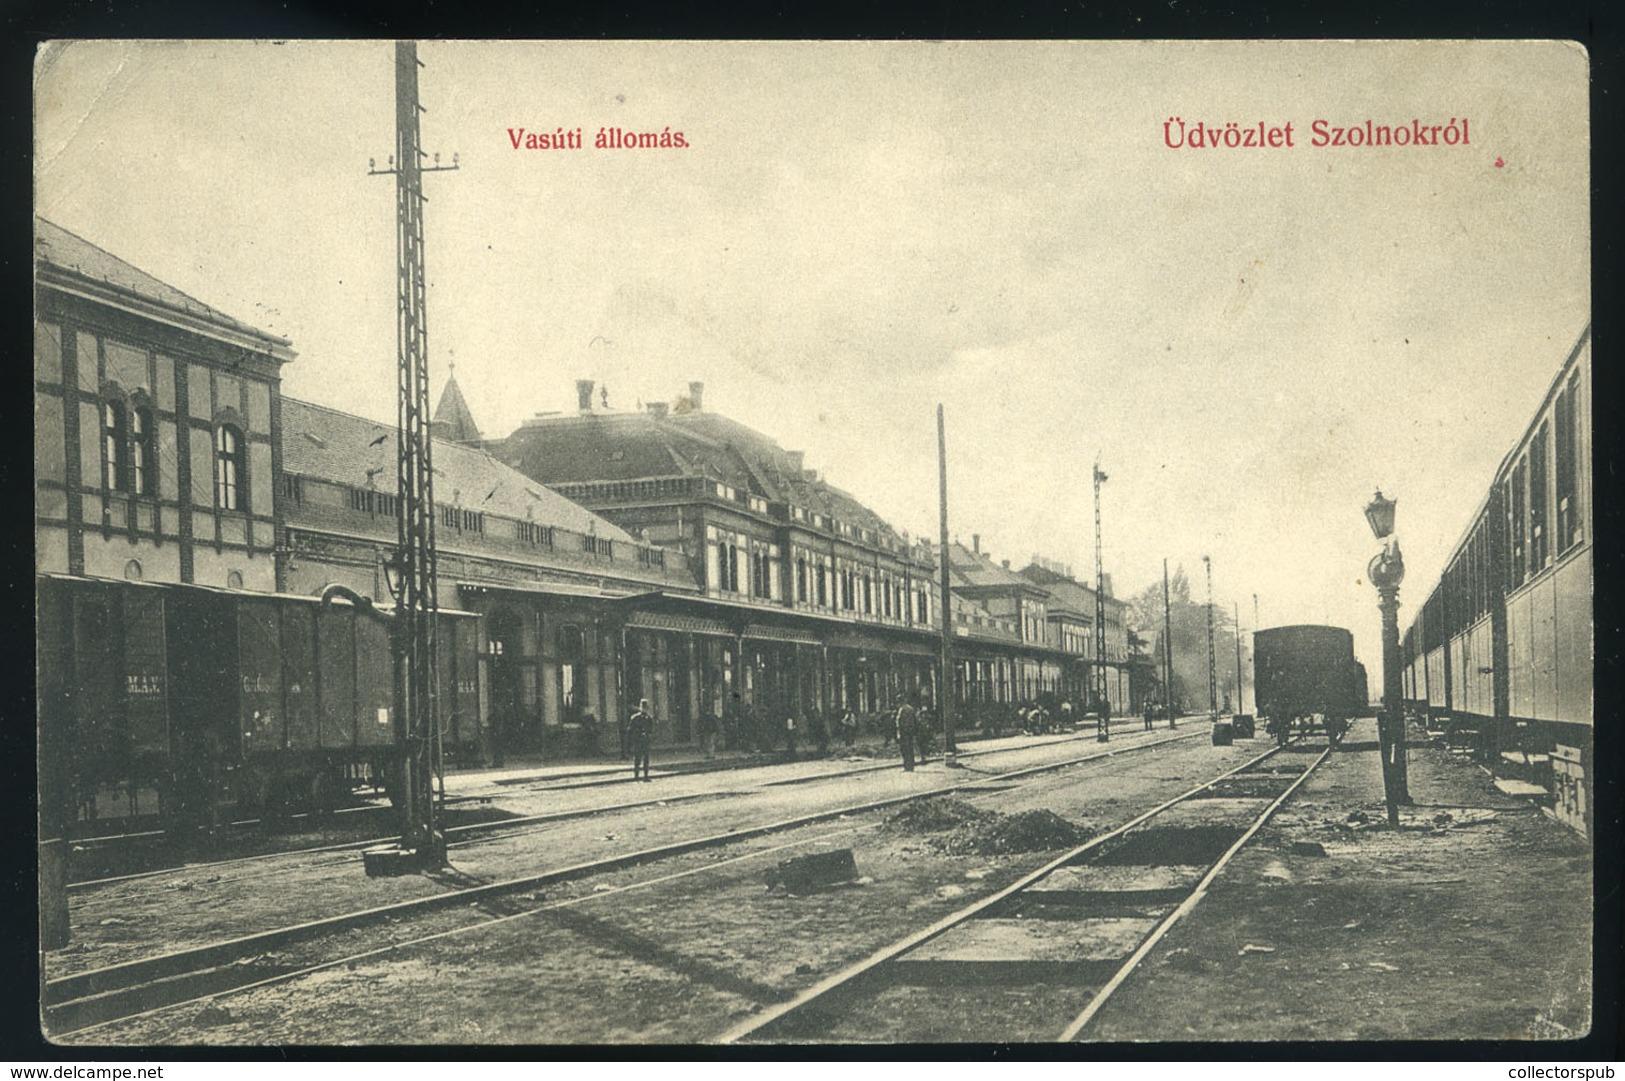 89822 SZOLNOK 1910. Állomás, Régi Képeslap  /  SZOLNOK 1910 Station Vintage Picture Postcard - Hungary